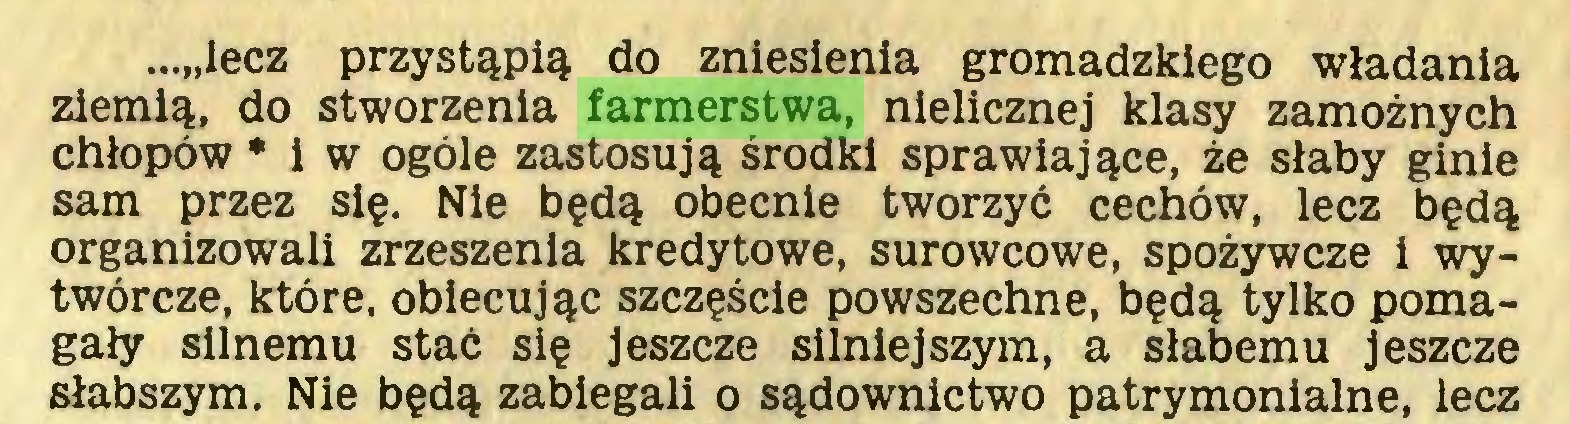 """(...) ...""""lecz przystąpią do zniesienia gromadzkiego władania ziemią, do stworzenia farmerstwa, nielicznej klasy zamożnych chłopów * i w ogóle zastosują środki sprawiające, że słaby ginie sam przez się. Nie będą obecnie tworzyć cechów, lecz będą organizowali zrzeszenia kredytowe, surowcowe, spożywcze i wytwórcze, które, obiecując szczęście powszechne, będą tylko pomagały silnemu stać się jeszcze silniejszym, a słabemu jeszcze słabszym. Nie będą zabiegali o sądownictwo patrymonialne, lecz..."""